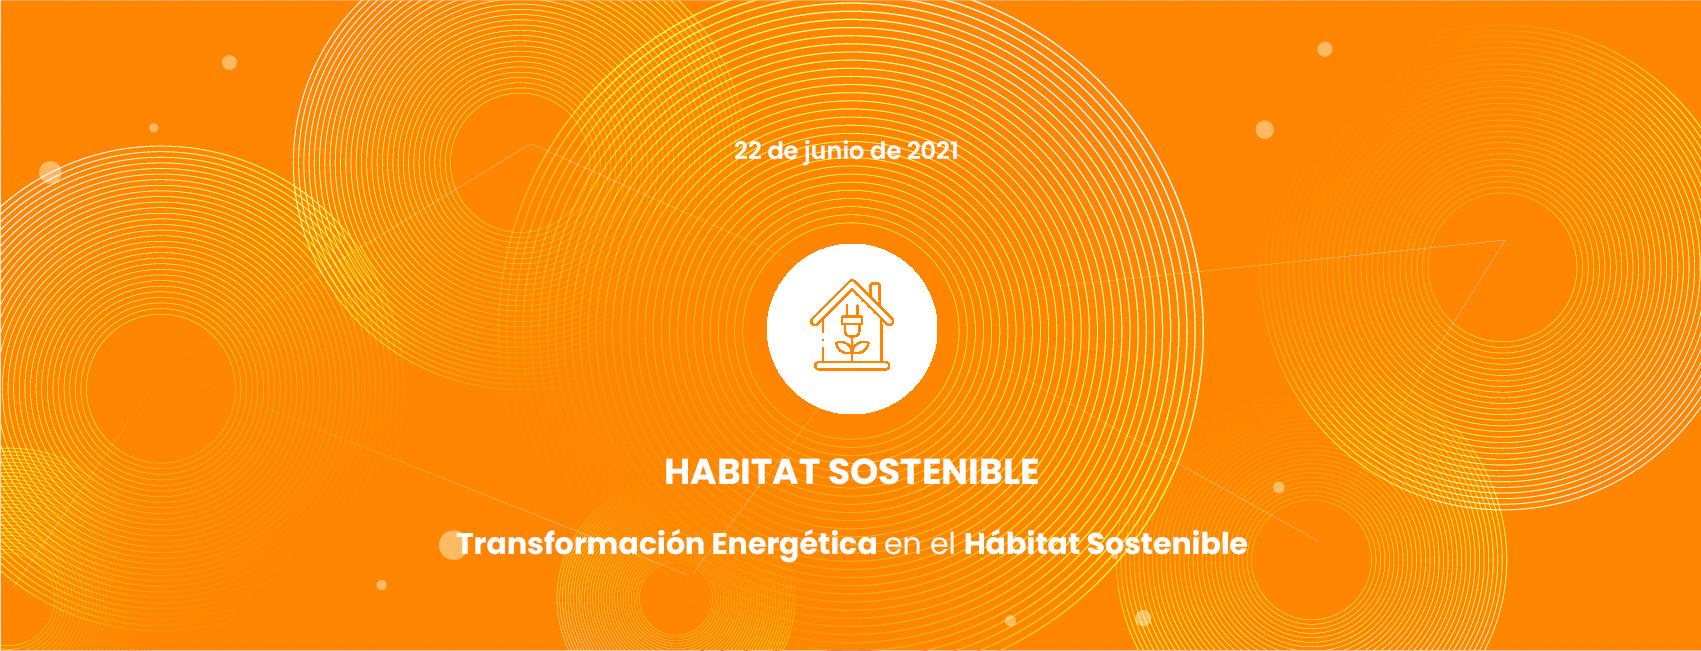 Transformación Energética en el Hábitat Sostenible